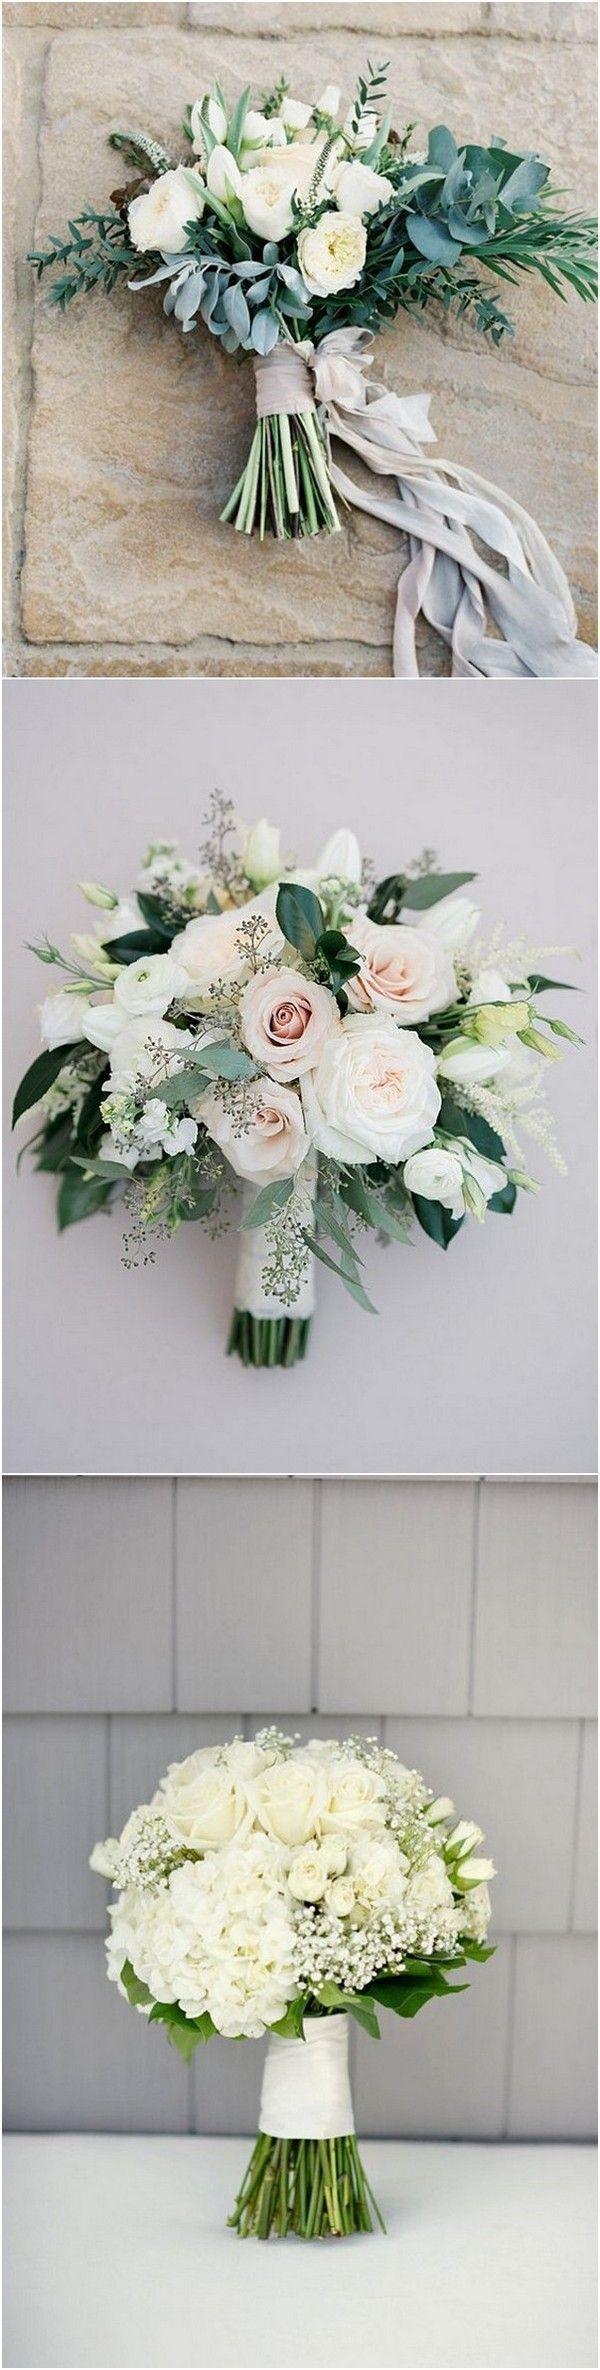 Atemberaubende Hochzeit Bouquet Ideas #Hochzeitsblumen #HochzeitsBouquets - #ads #Atemberaubende #Bouquet #Hochzeit #Hochzeitsblumen #HochzeitsBouquets #ideas #brautblume